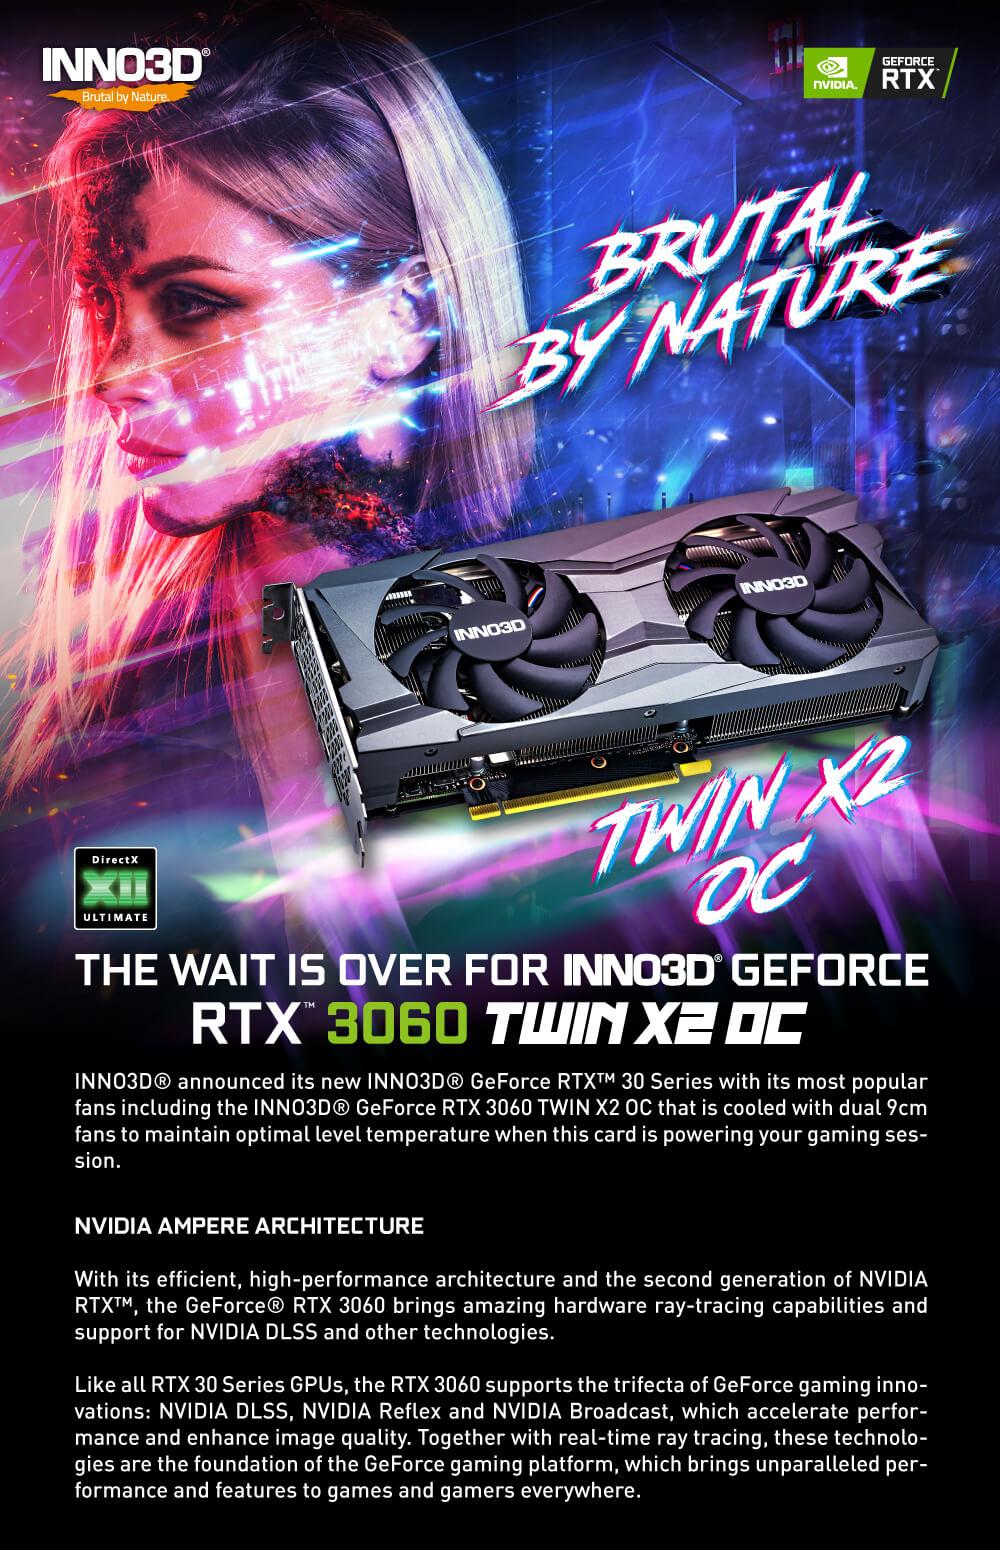 INNO3D GeForce RTX™ 3060 TWIN X2 OC 12GB GDDR6 (LHR)